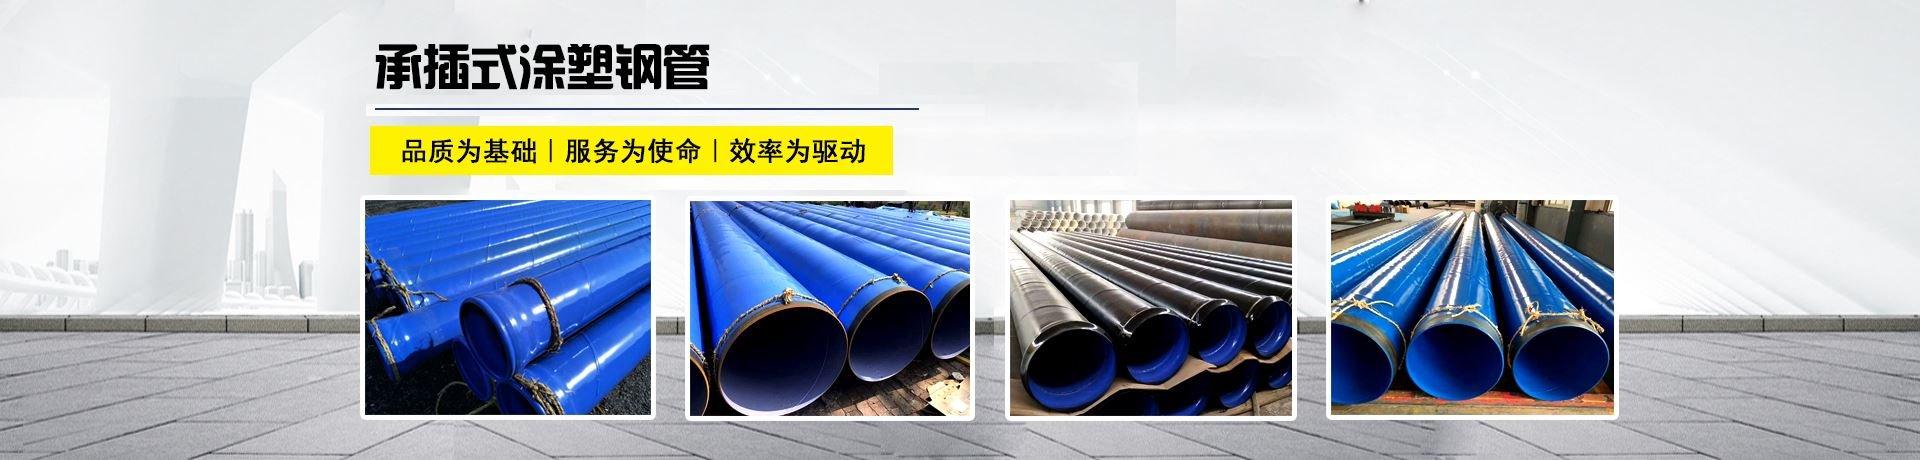 承插式涂塑钢管生产厂家